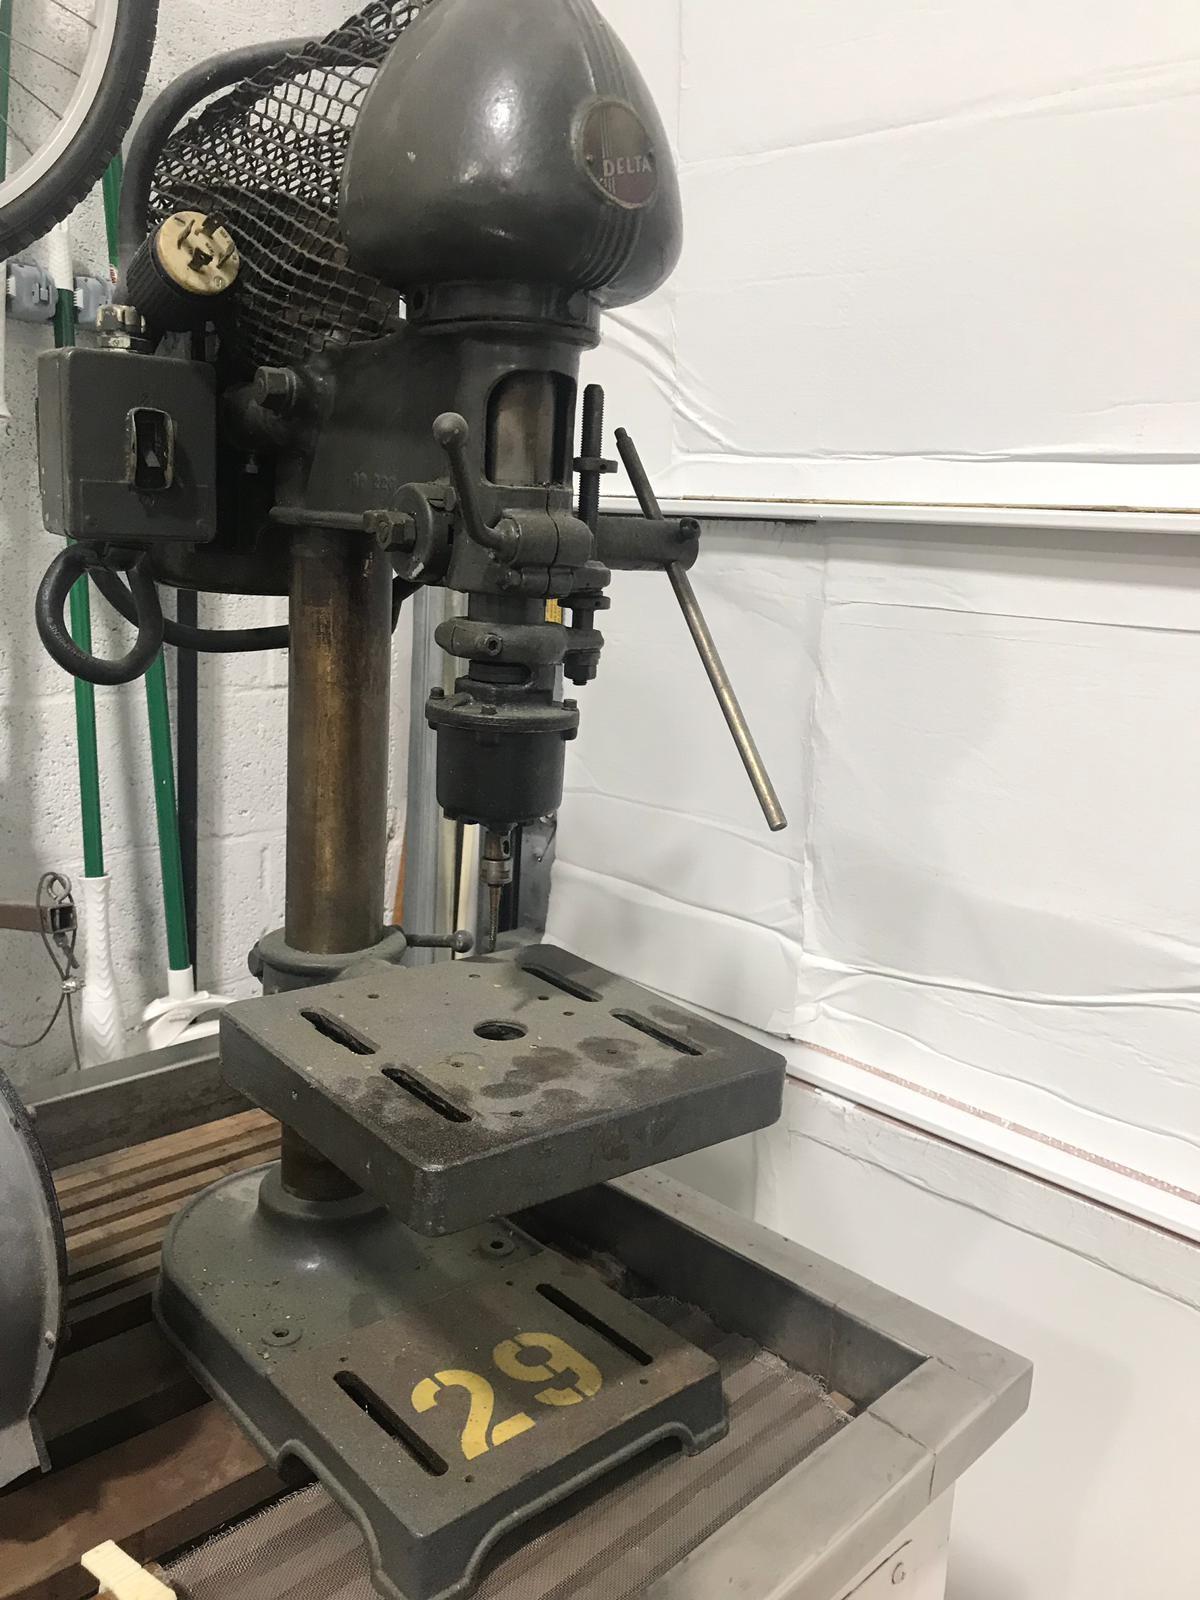 """DELTA Drill Press 10"""" x 20"""" x 36"""" H - Image 3 of 3"""